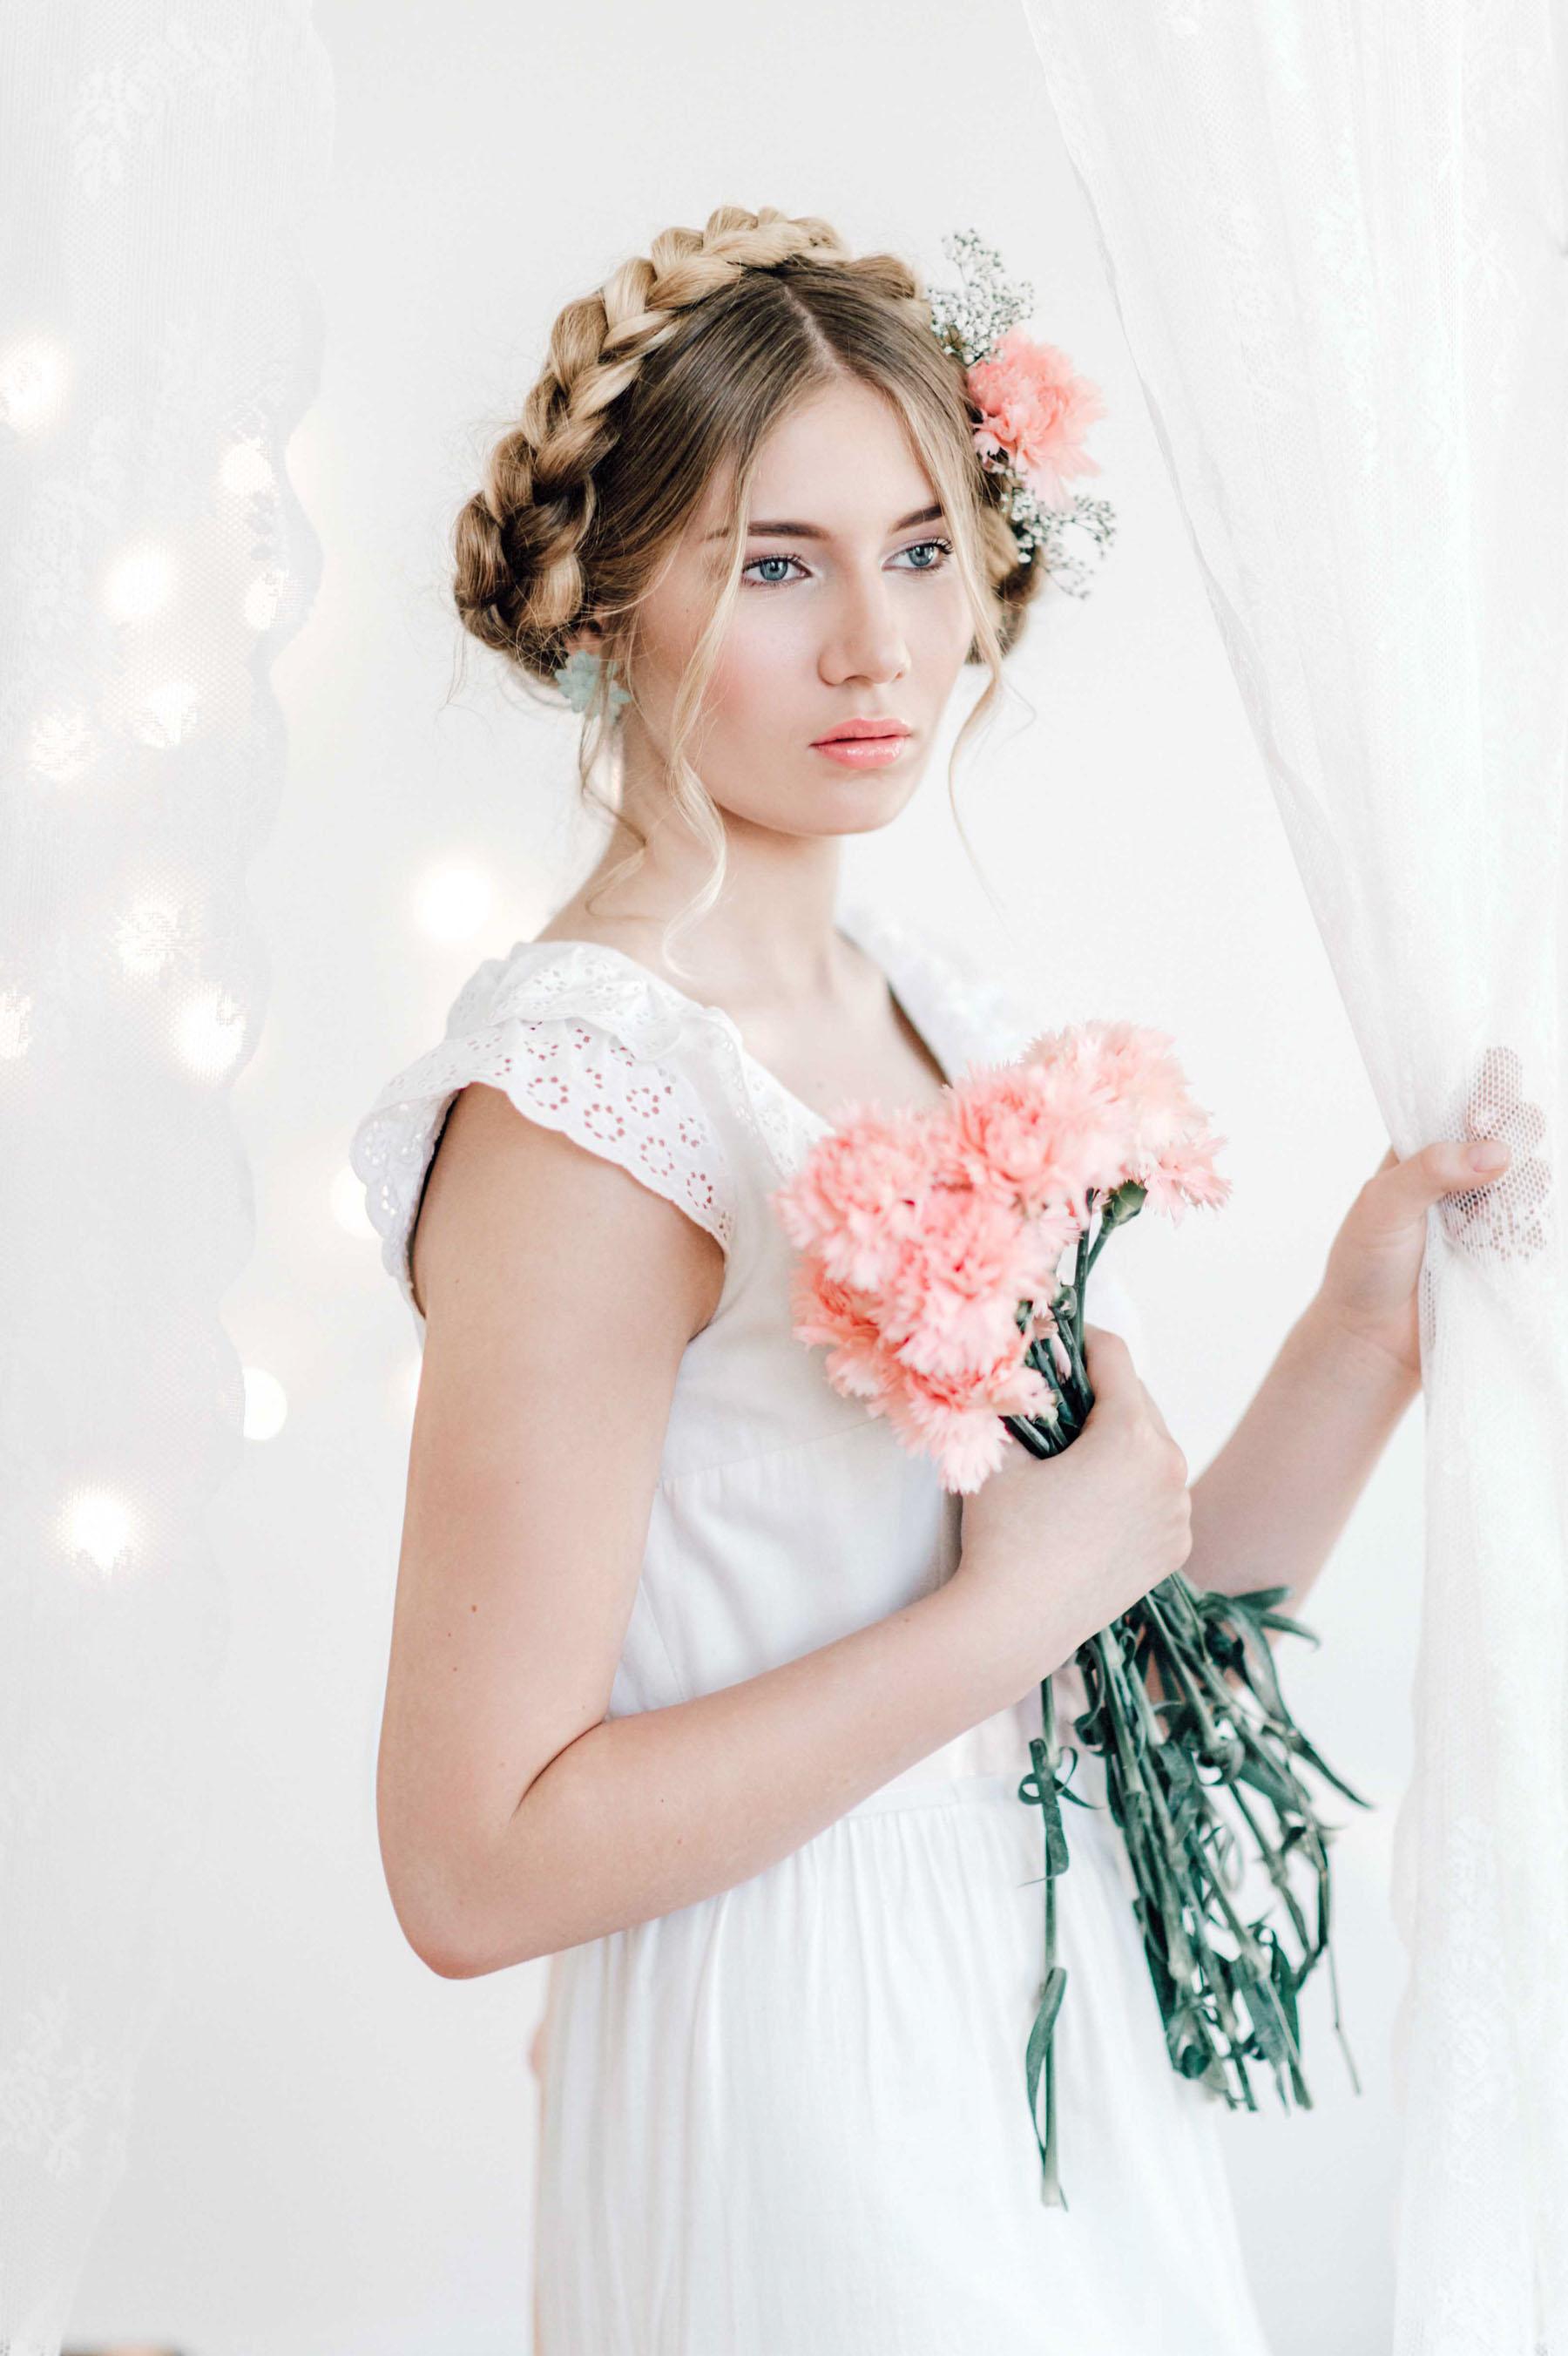 noula-2 Natural Bridal Hair & Make-up Looknoula 21